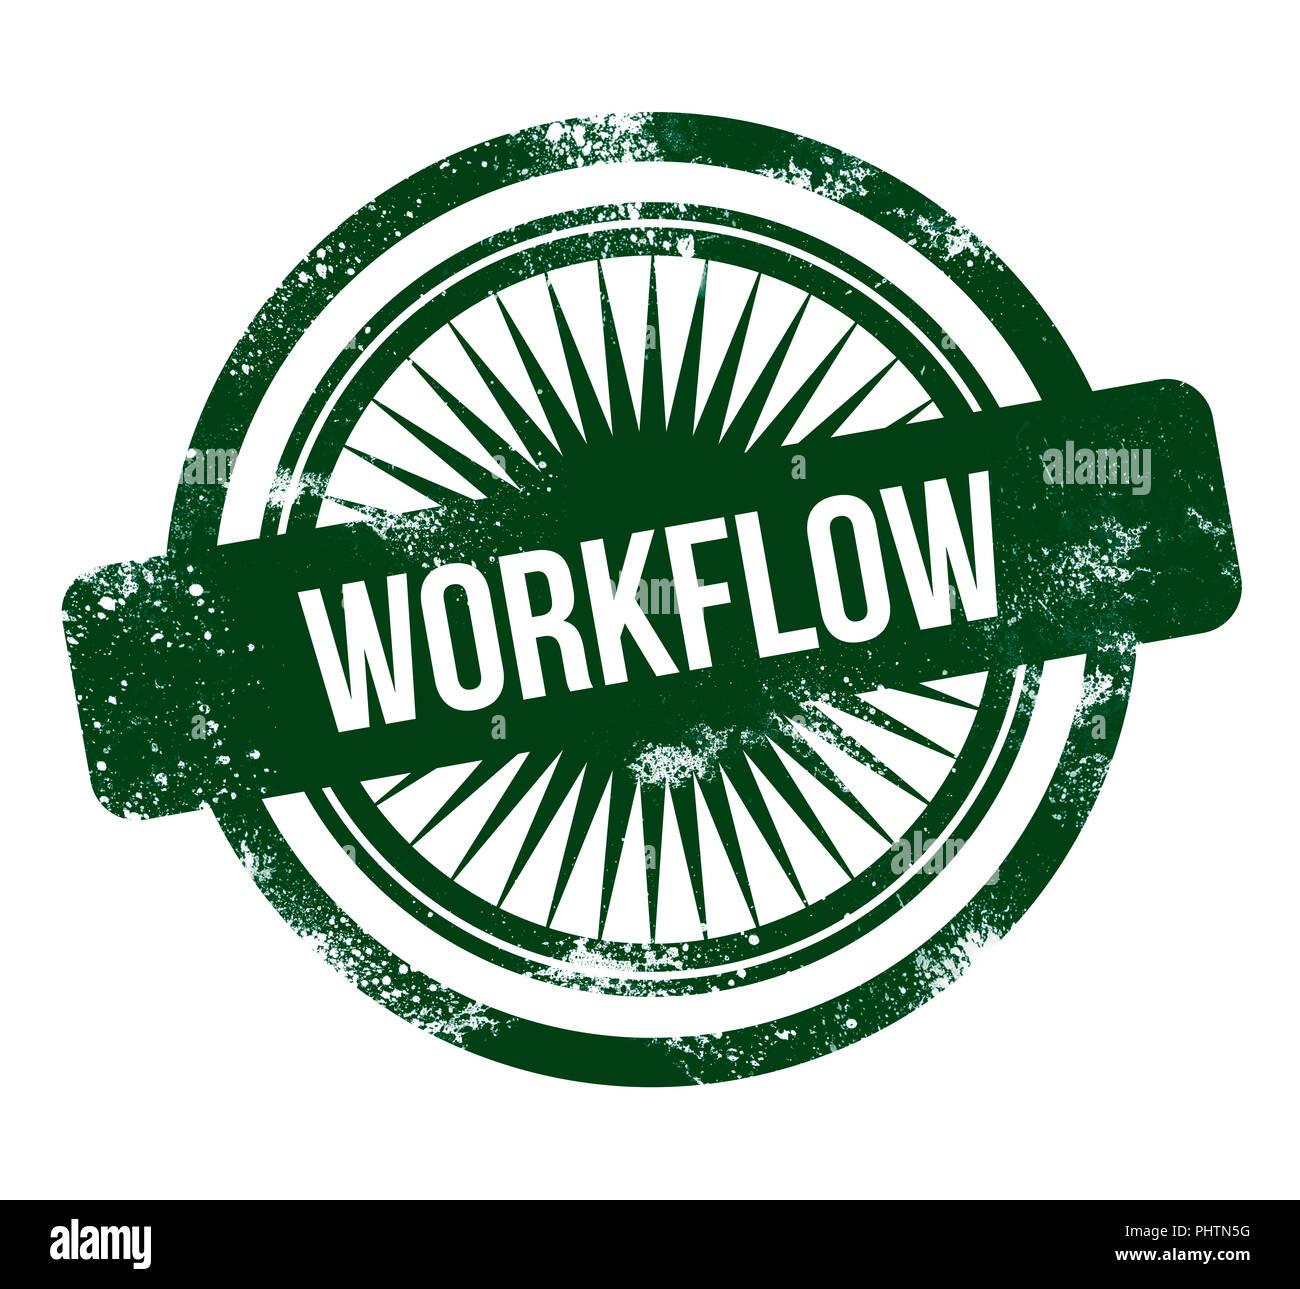 Workflow - green grunge stamp - Stock Image